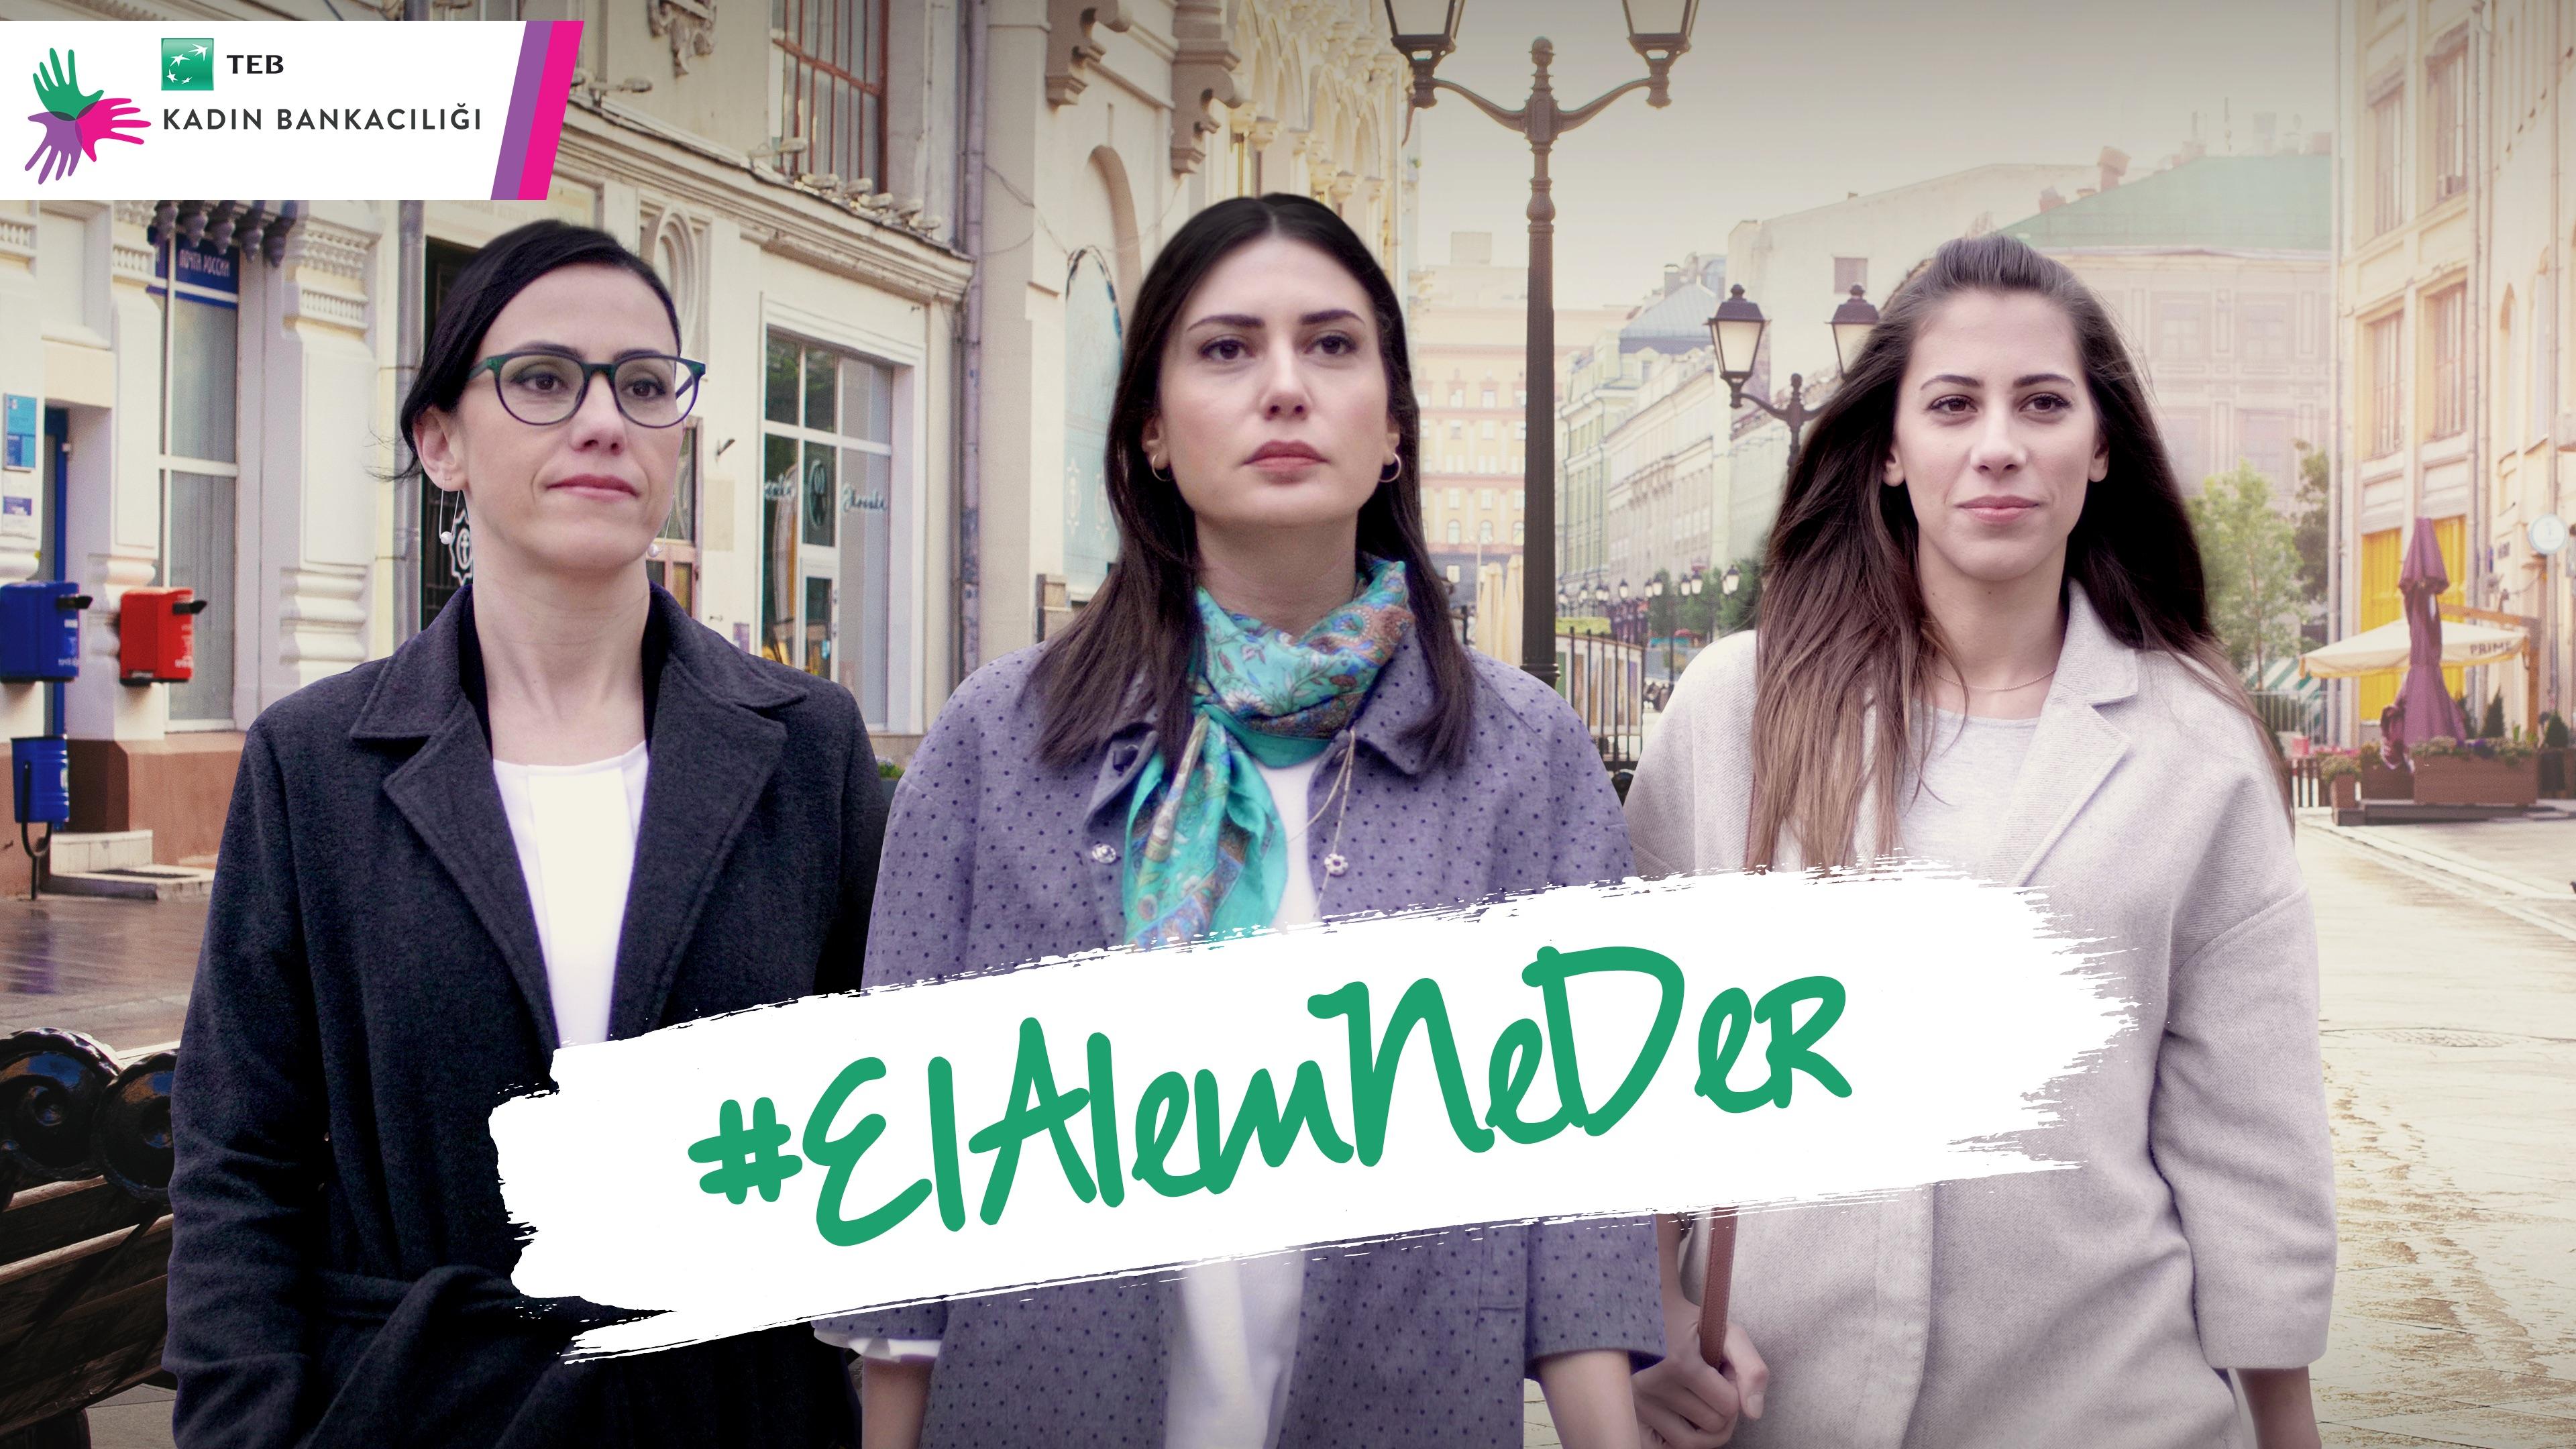 TEB'den 8 Mart Dünya Kadınlar Günü'ne özel kampanya: #ElAlemNeDer